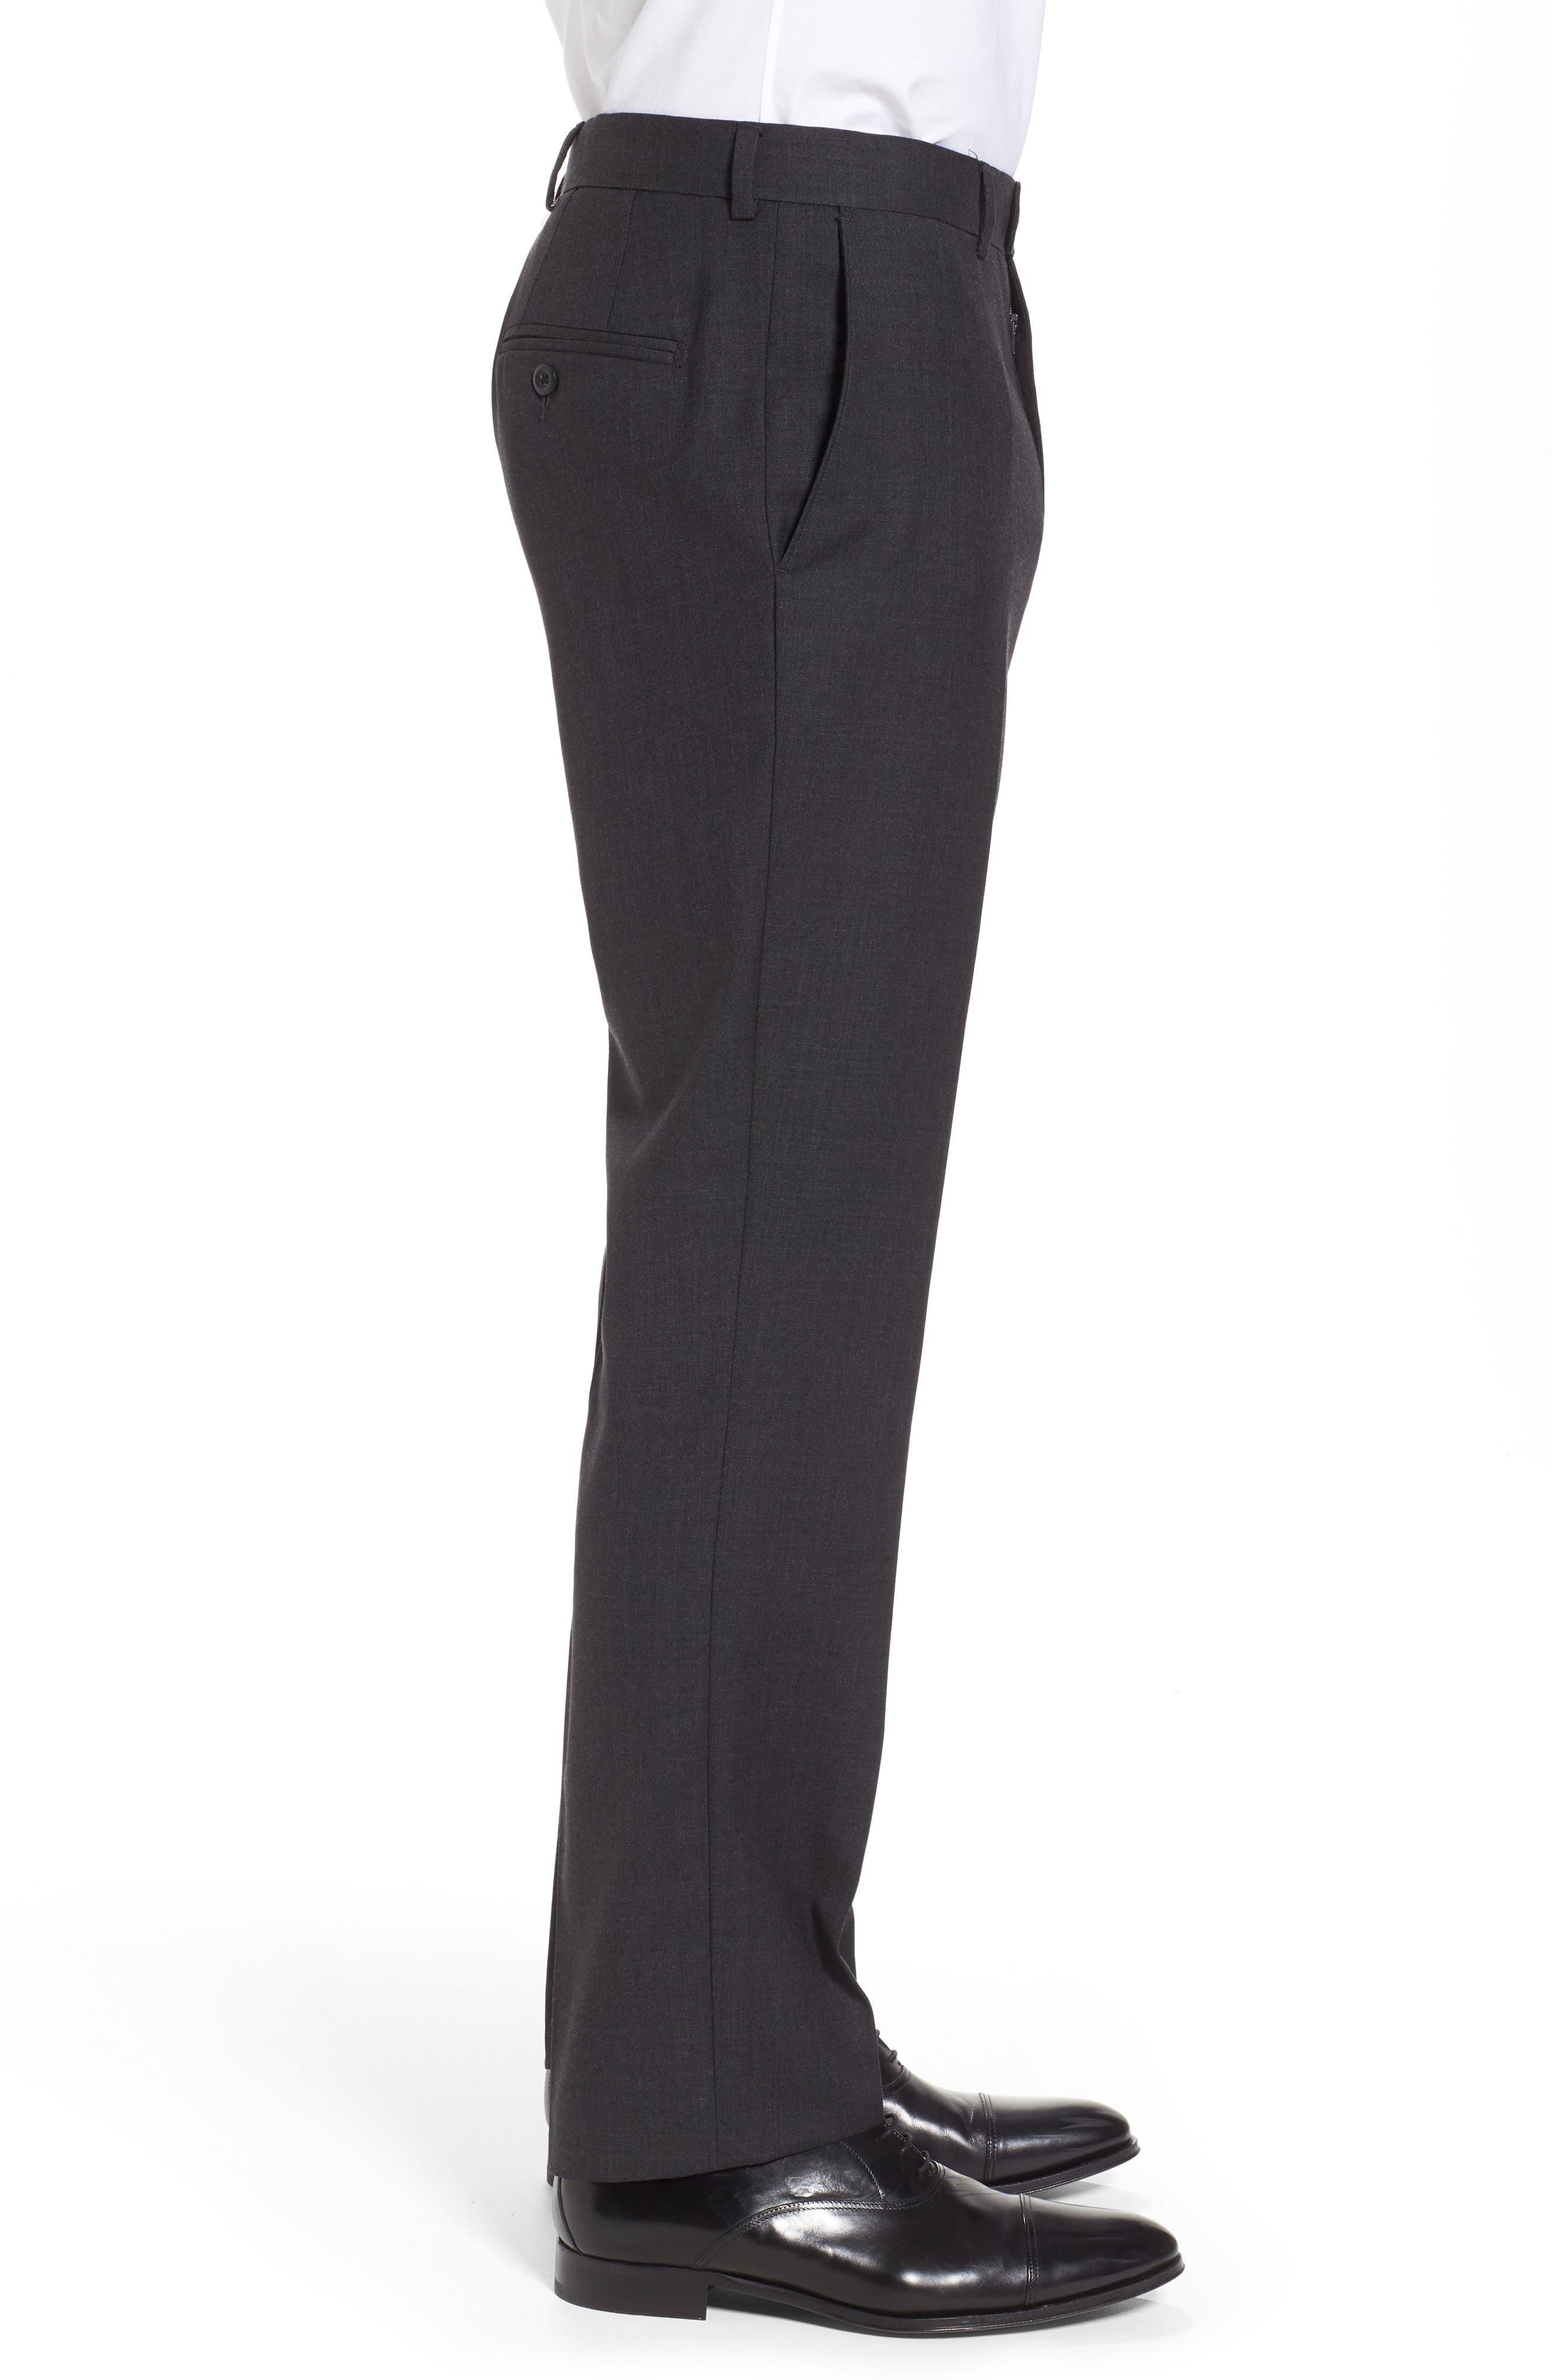 Gab Trim Fit Flat Front Pants,                             Alternate thumbnail 4, color,                             002